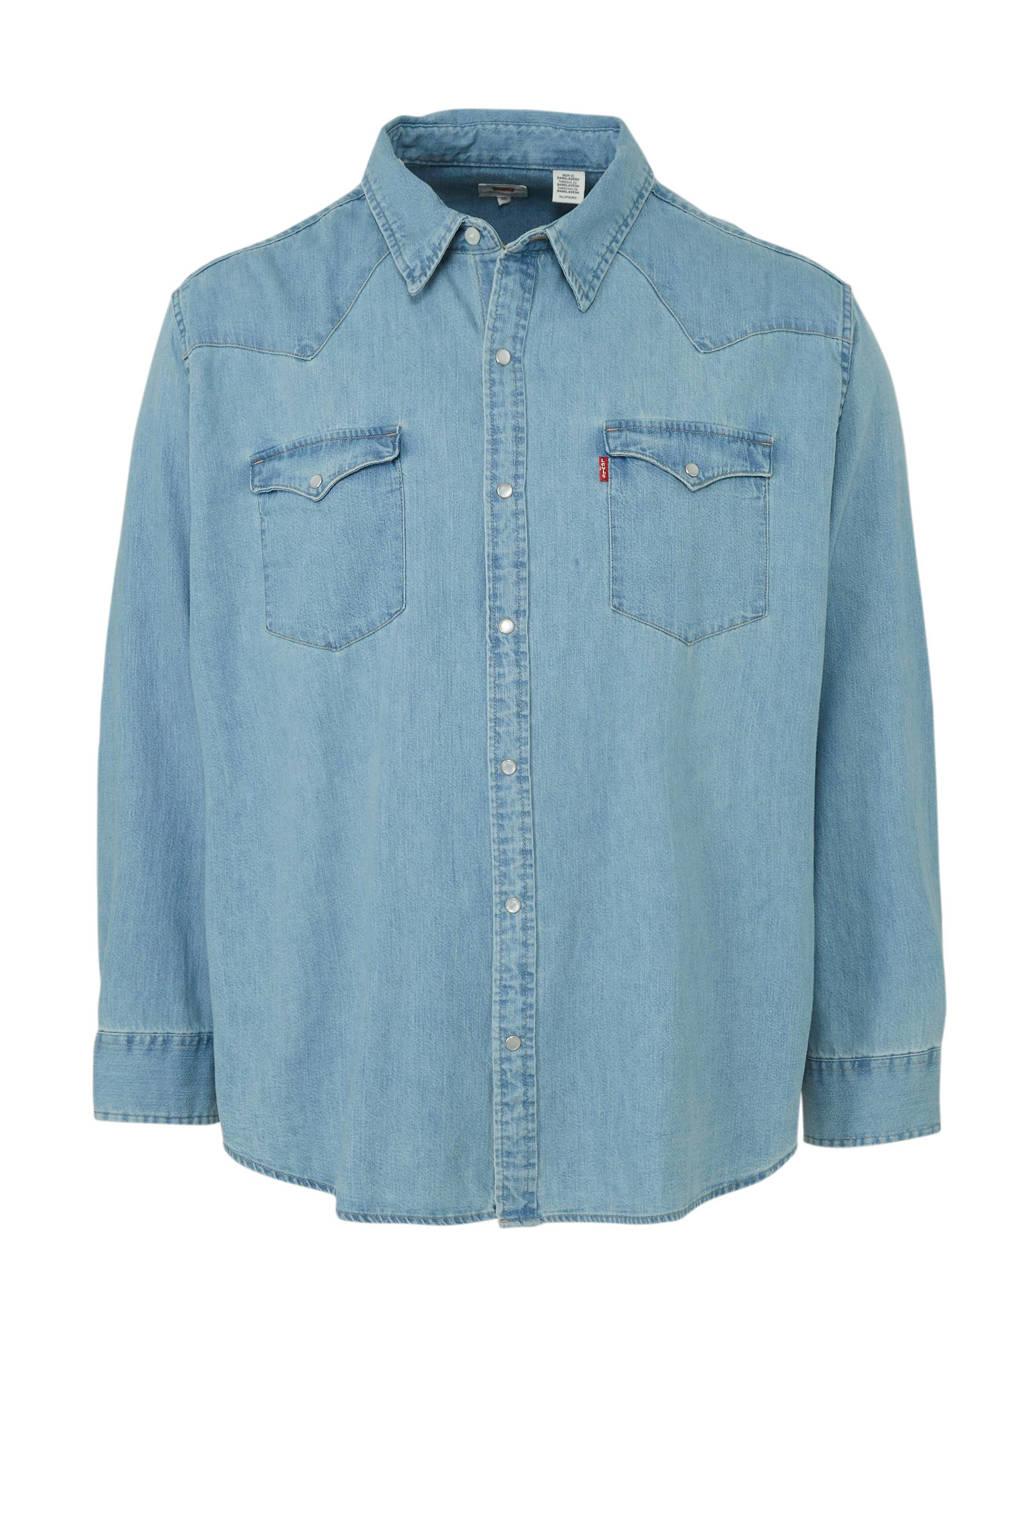 Levi's Big and Tall regular fit denim overhemd, Light denim